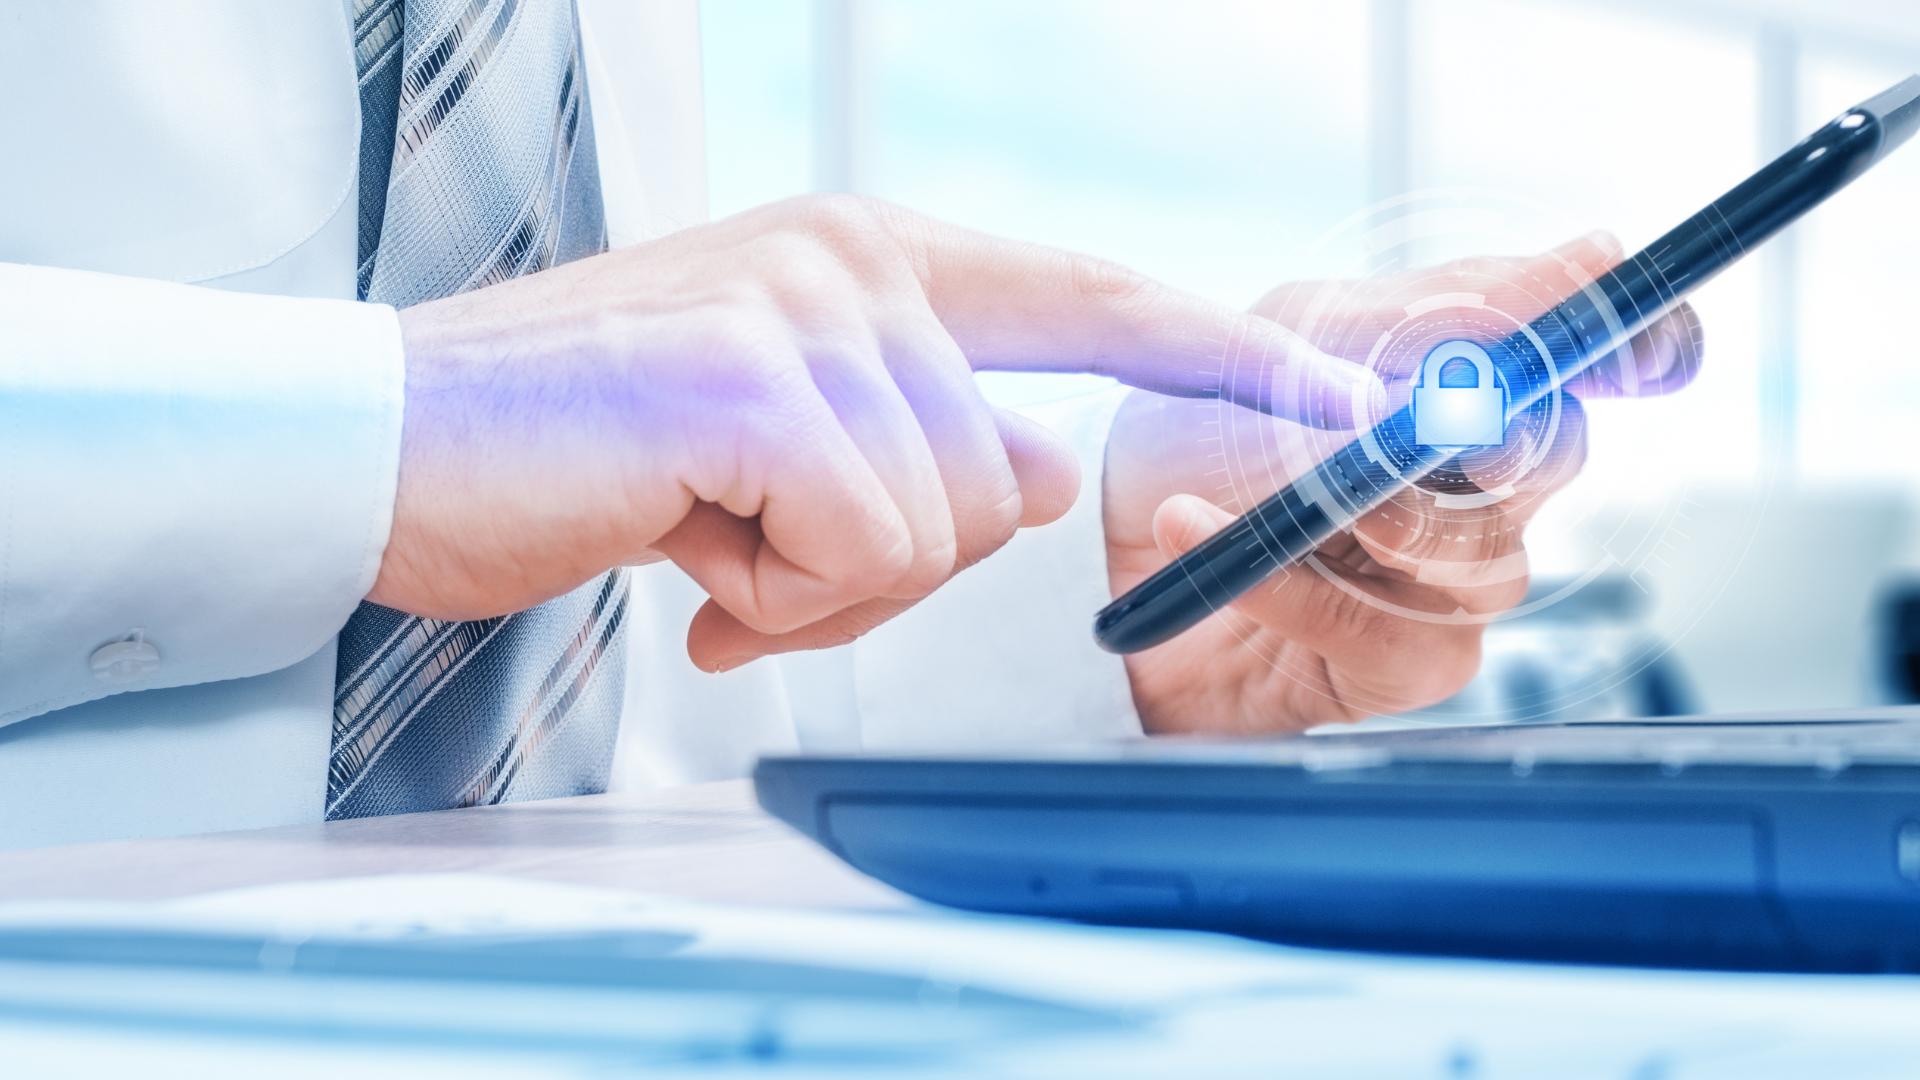 ¿Qué es la protección contra amenazas cibernéticas de Microsoft?